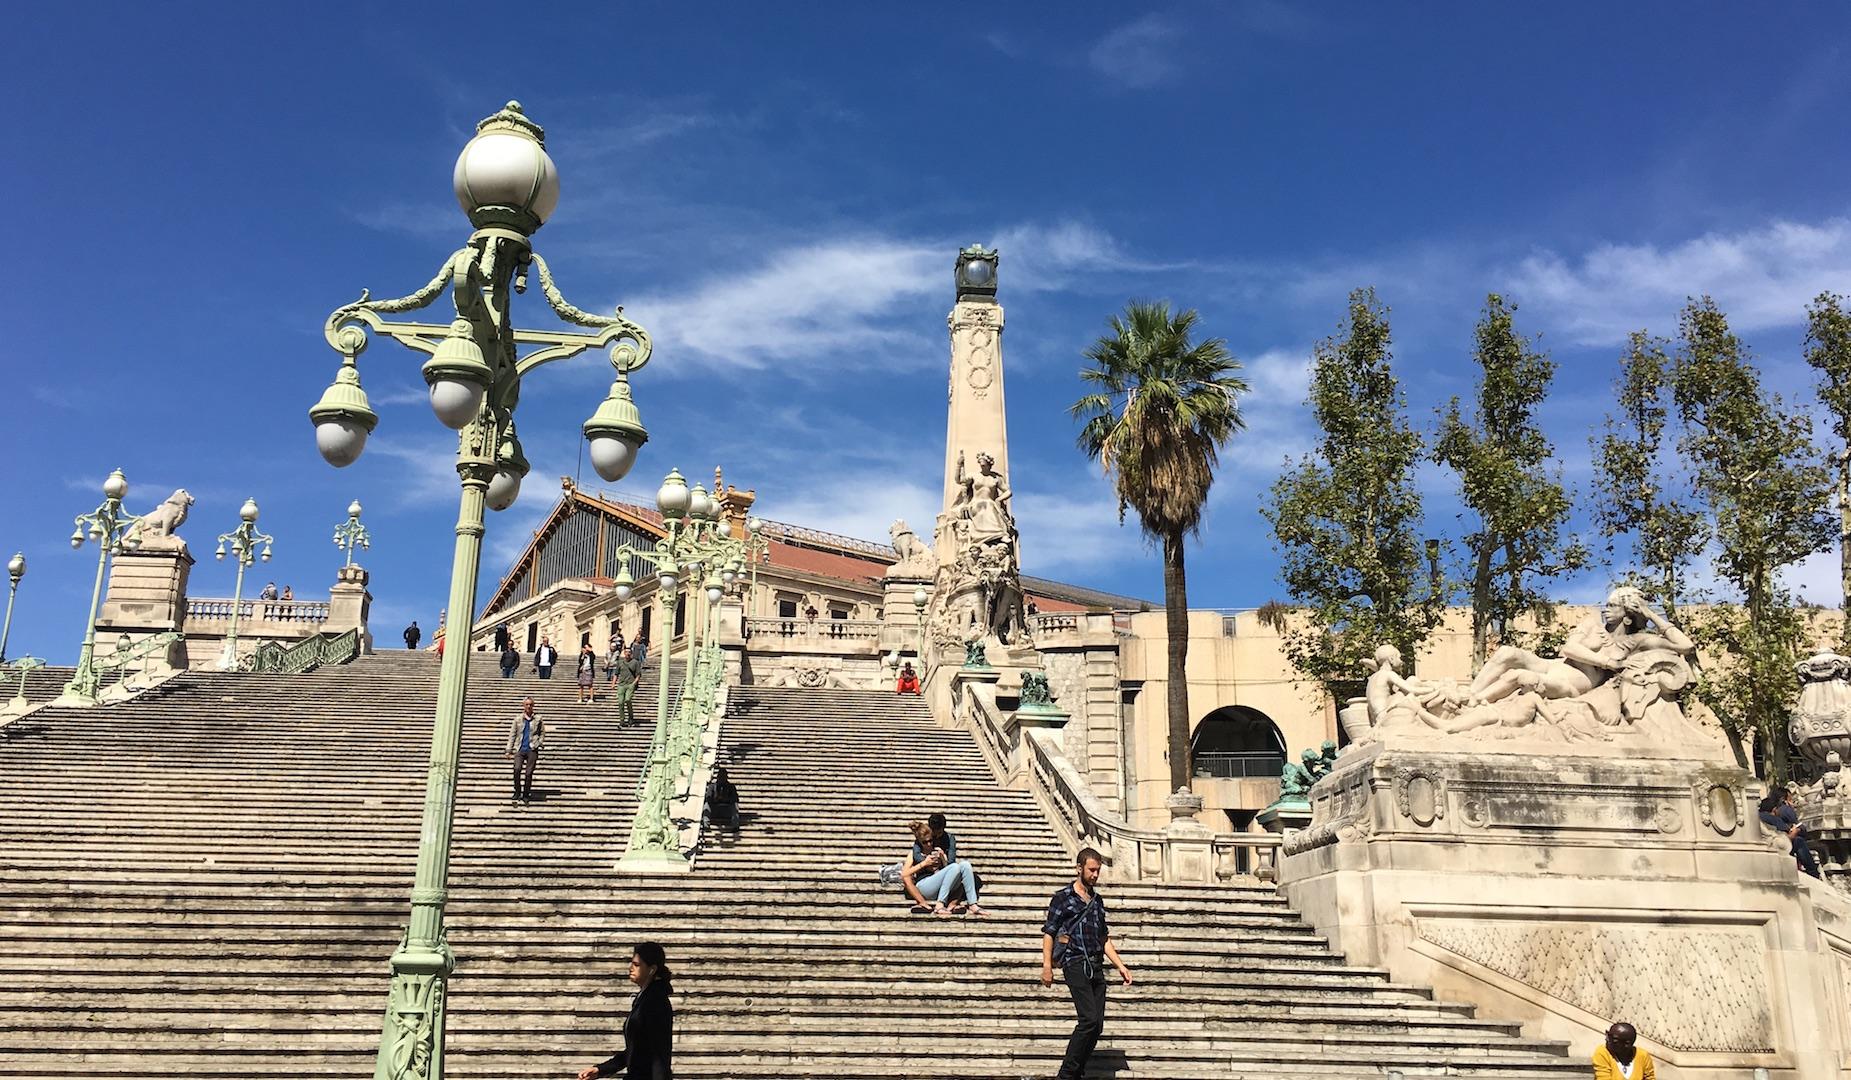 La Escalinata de St. Charles preside la llegada del viajero en tren a Marsella, con Asia y África a sus pies (Fotografía Espiral 21).